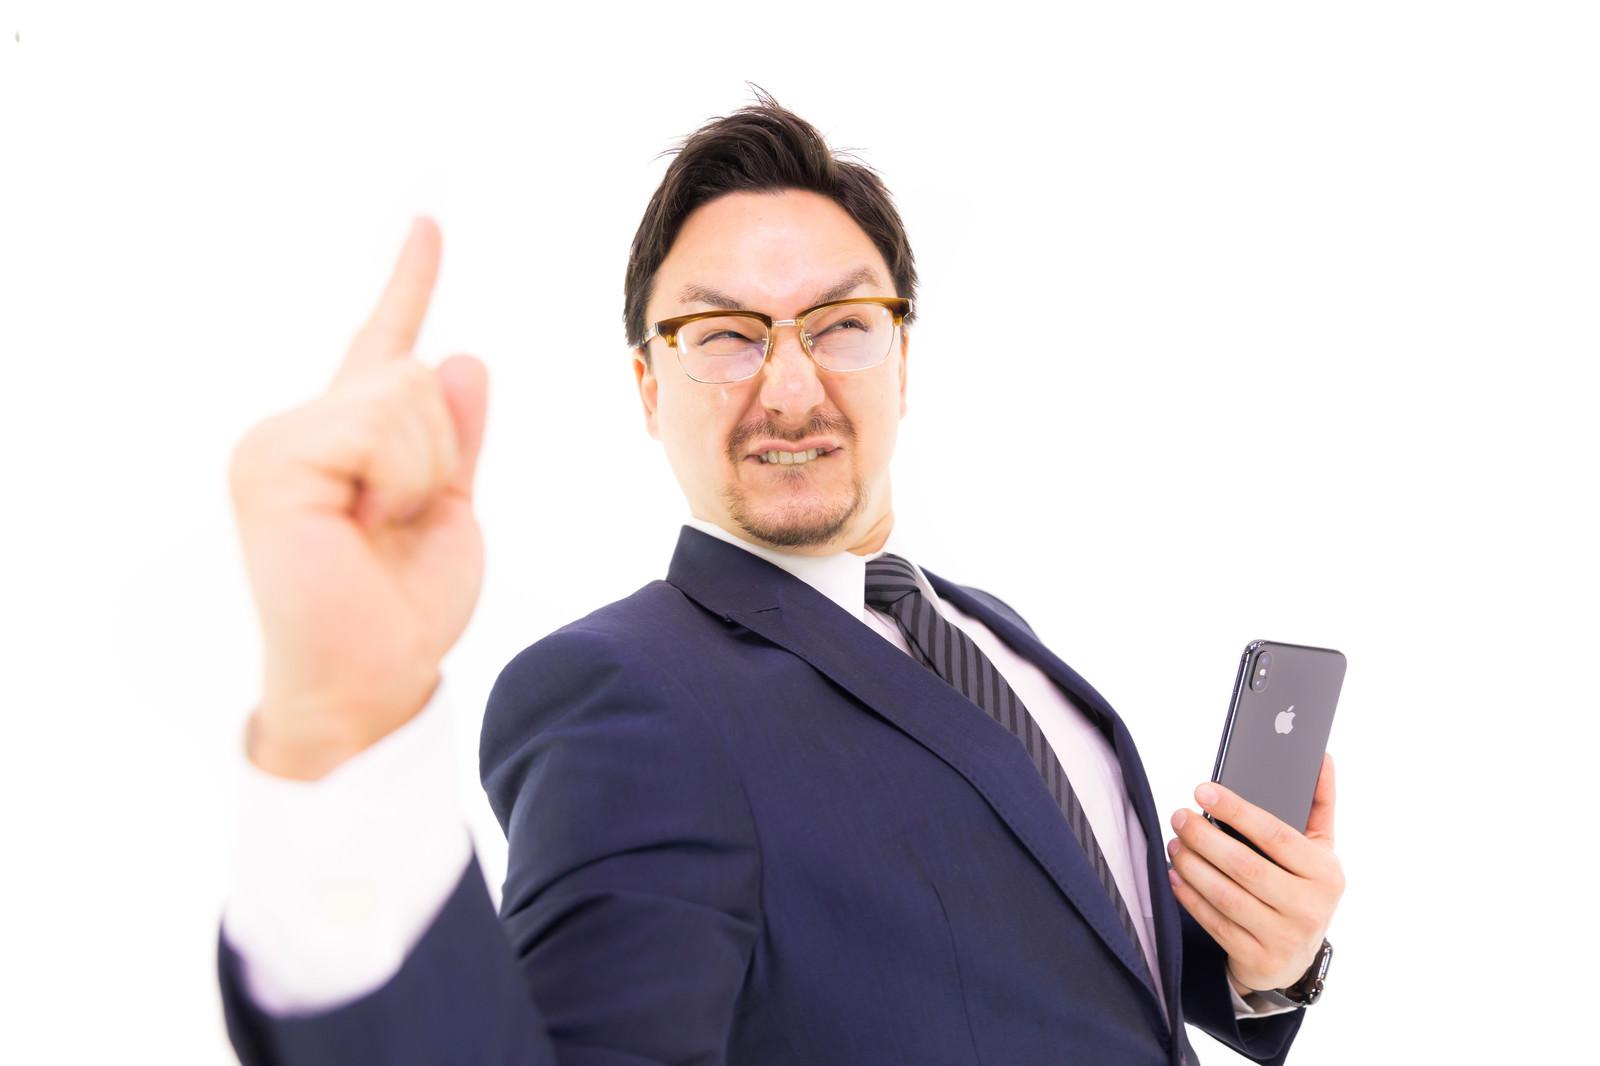 「ドヤ顔でiPhone XS Maxを自慢してくるうざいやつ」の写真[モデル:Max_Ezaki]